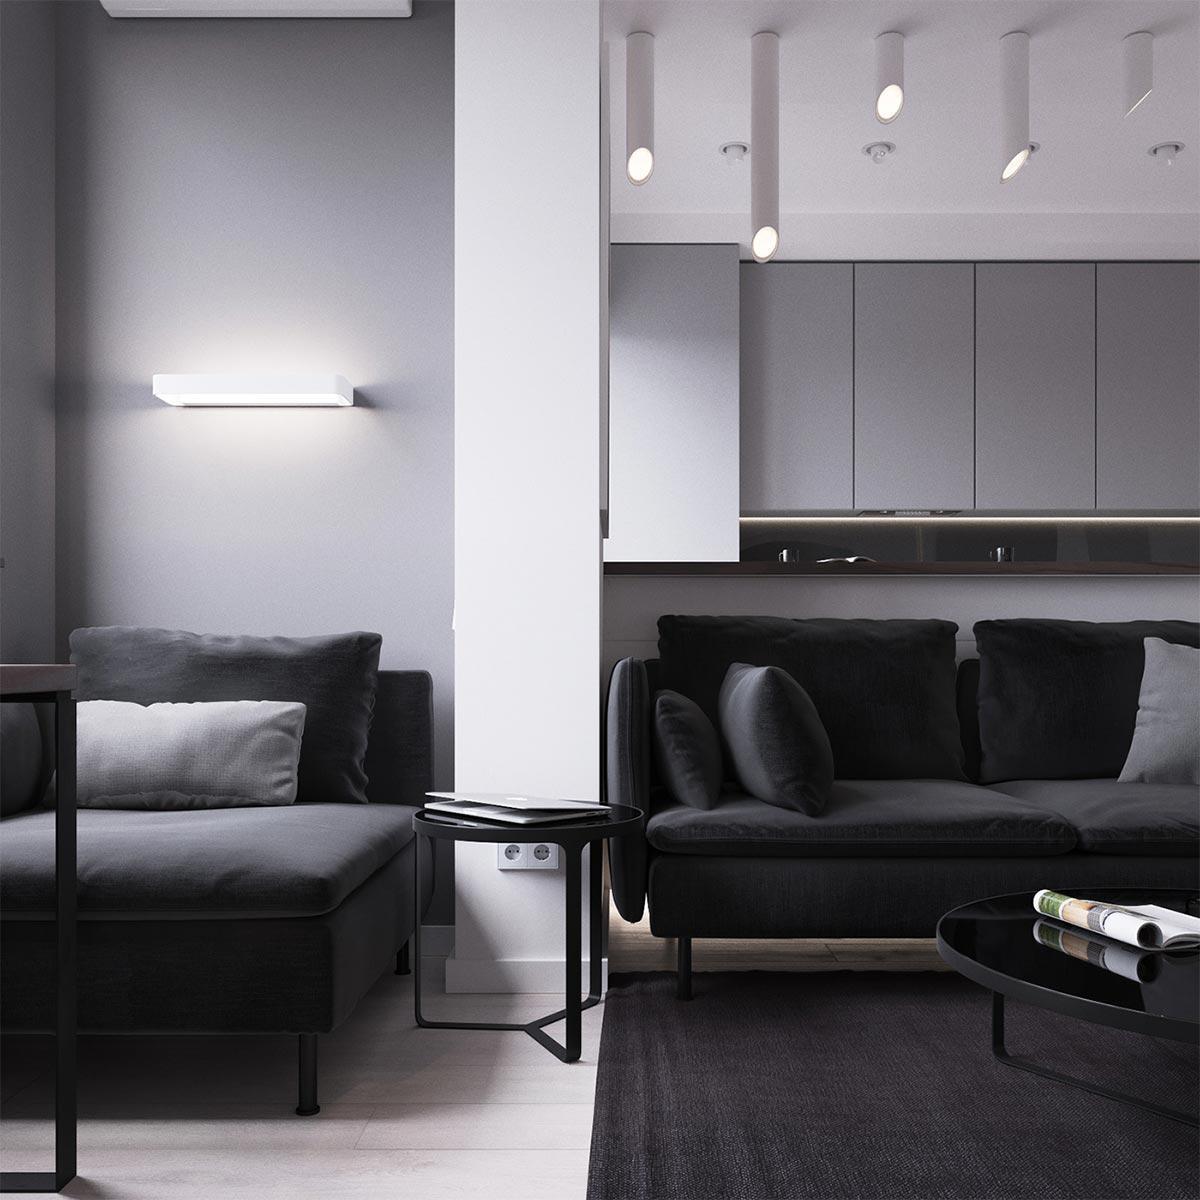 Mẫu thiết kế căn hộ 45m2 mang phong cách studio hiện đại